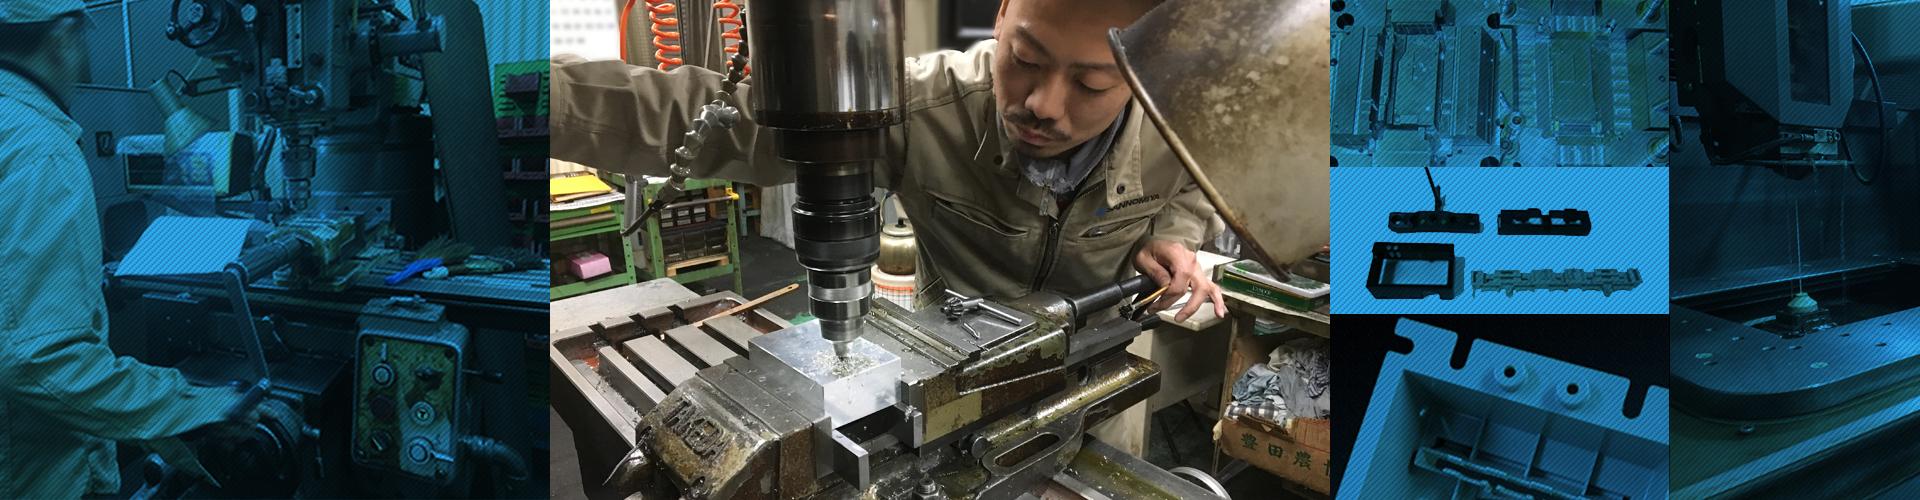 大阪でプラスチック金型の設計・製作なら | 試作金型・モデル作製から精緻な完成品まで自社で一貫製作いたします